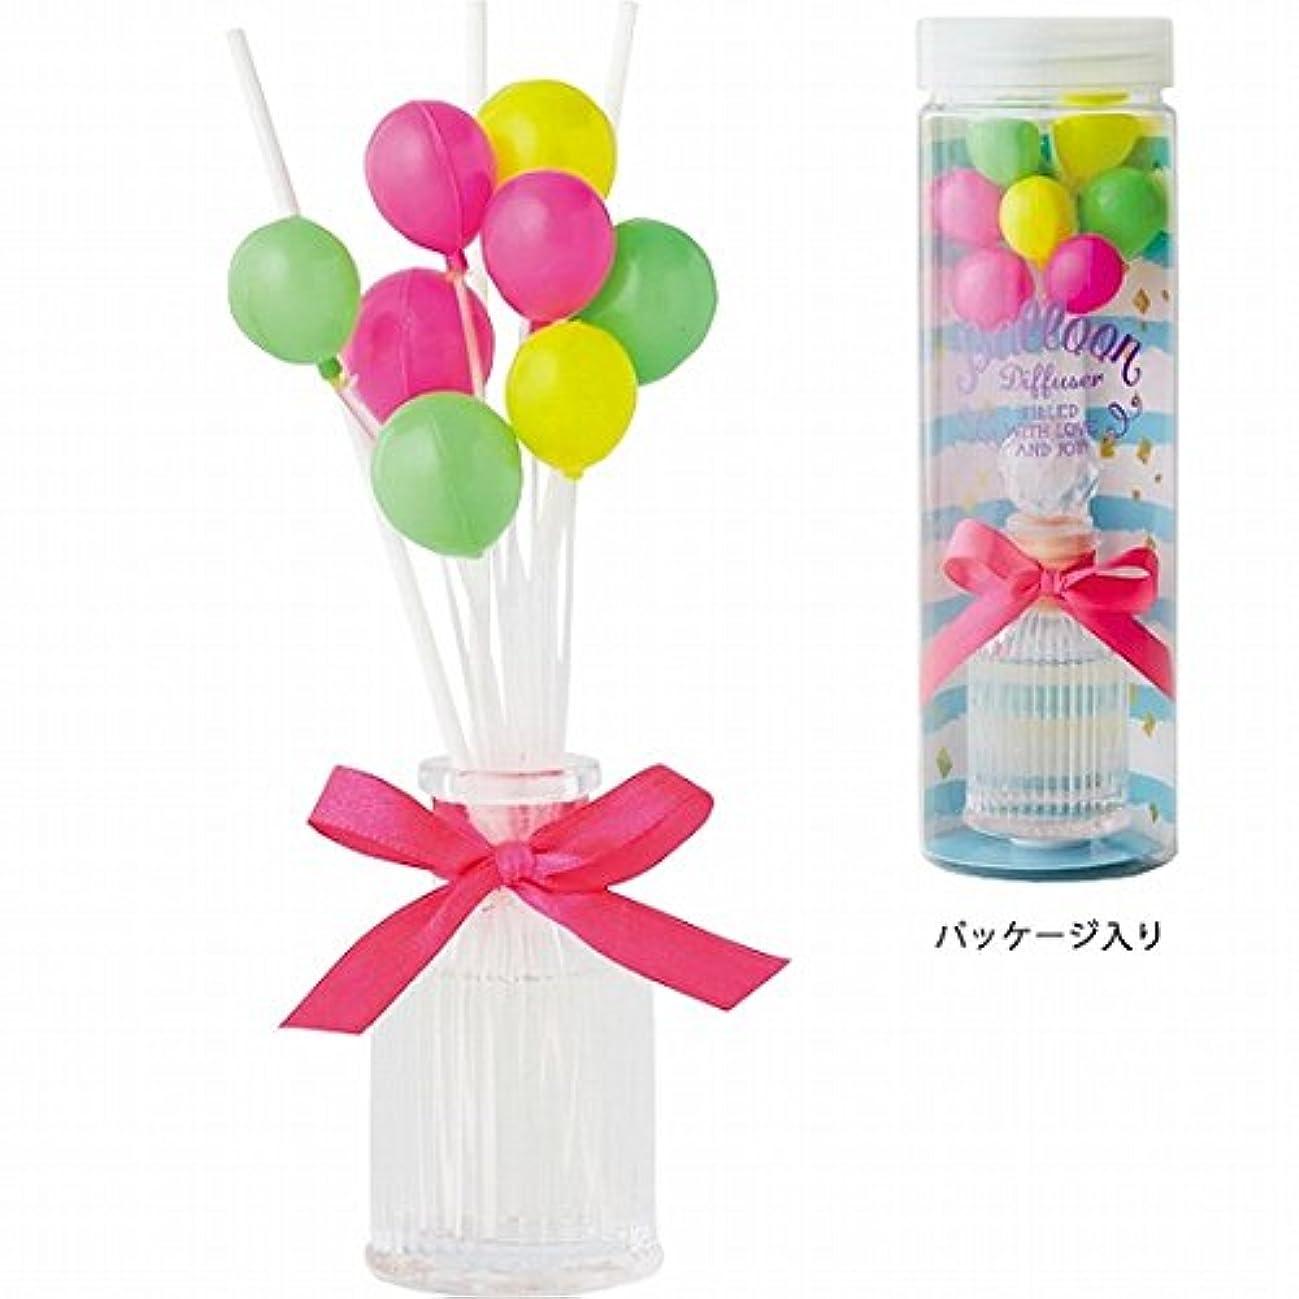 七面鳥辞書葉を集めるカメヤマキャンドル( kameyama candle ) バルーンディフューザー